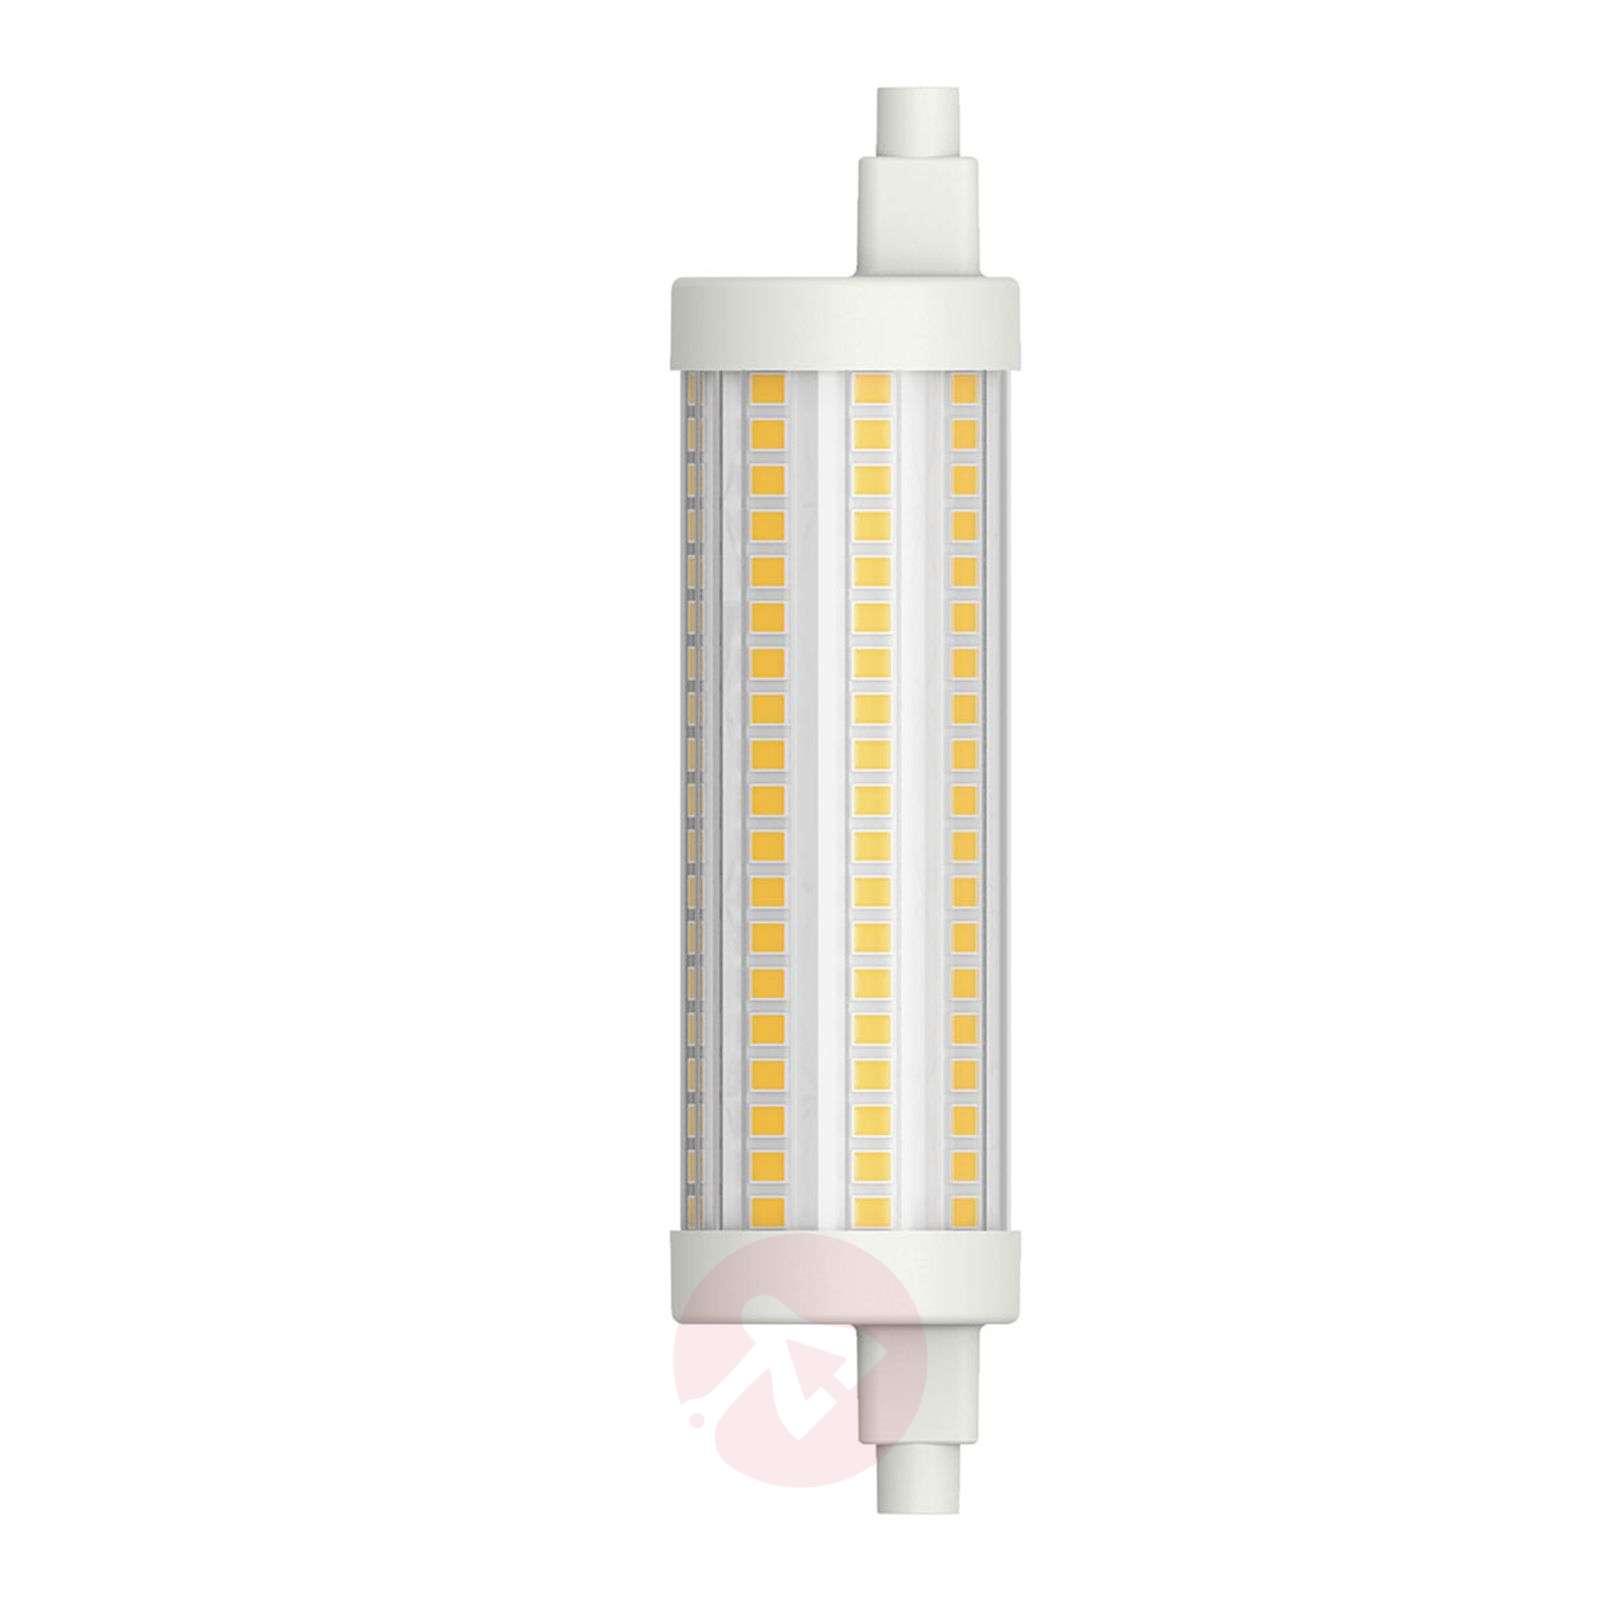 LED-putkilamppu R7s 117,6 mm 15W lämmin valkoinen-6520305-01